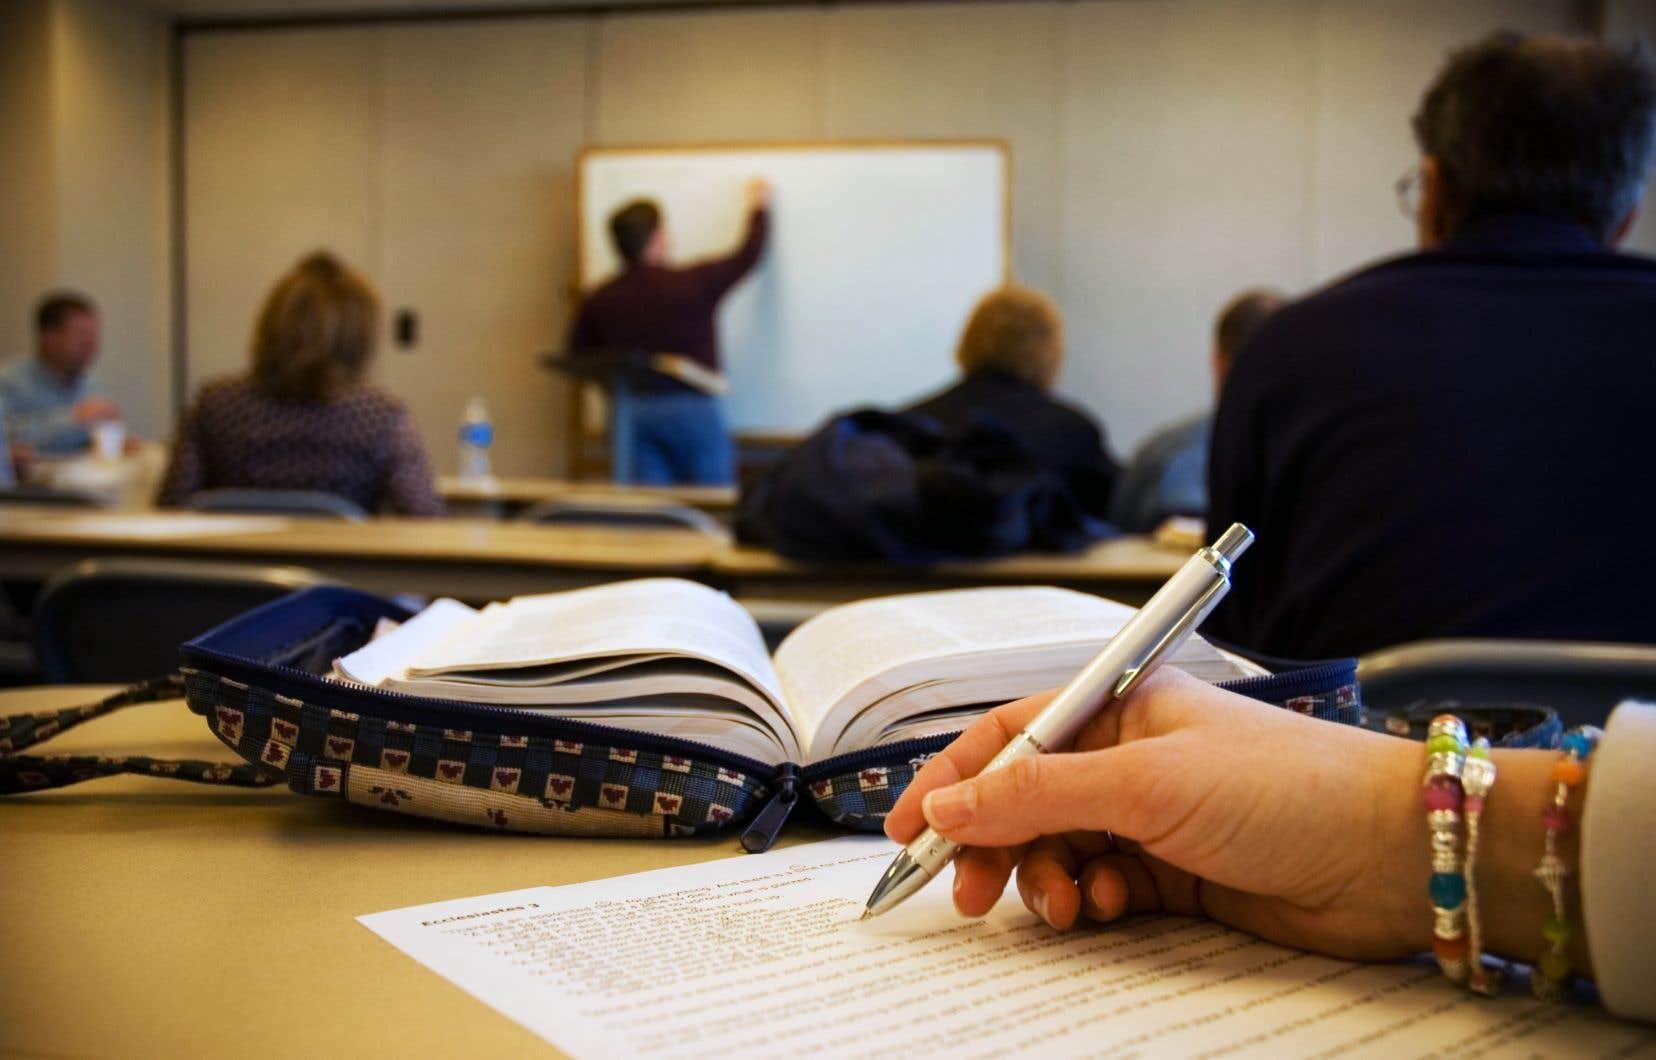 Les adultes qui retournent sur les bancs d'école — dont plusieurs éprouvent des difficultés d'apprentissage — ont bien besoin de soutien, mais les professionnels se font rares dans les centres d'éducation aux adultes.